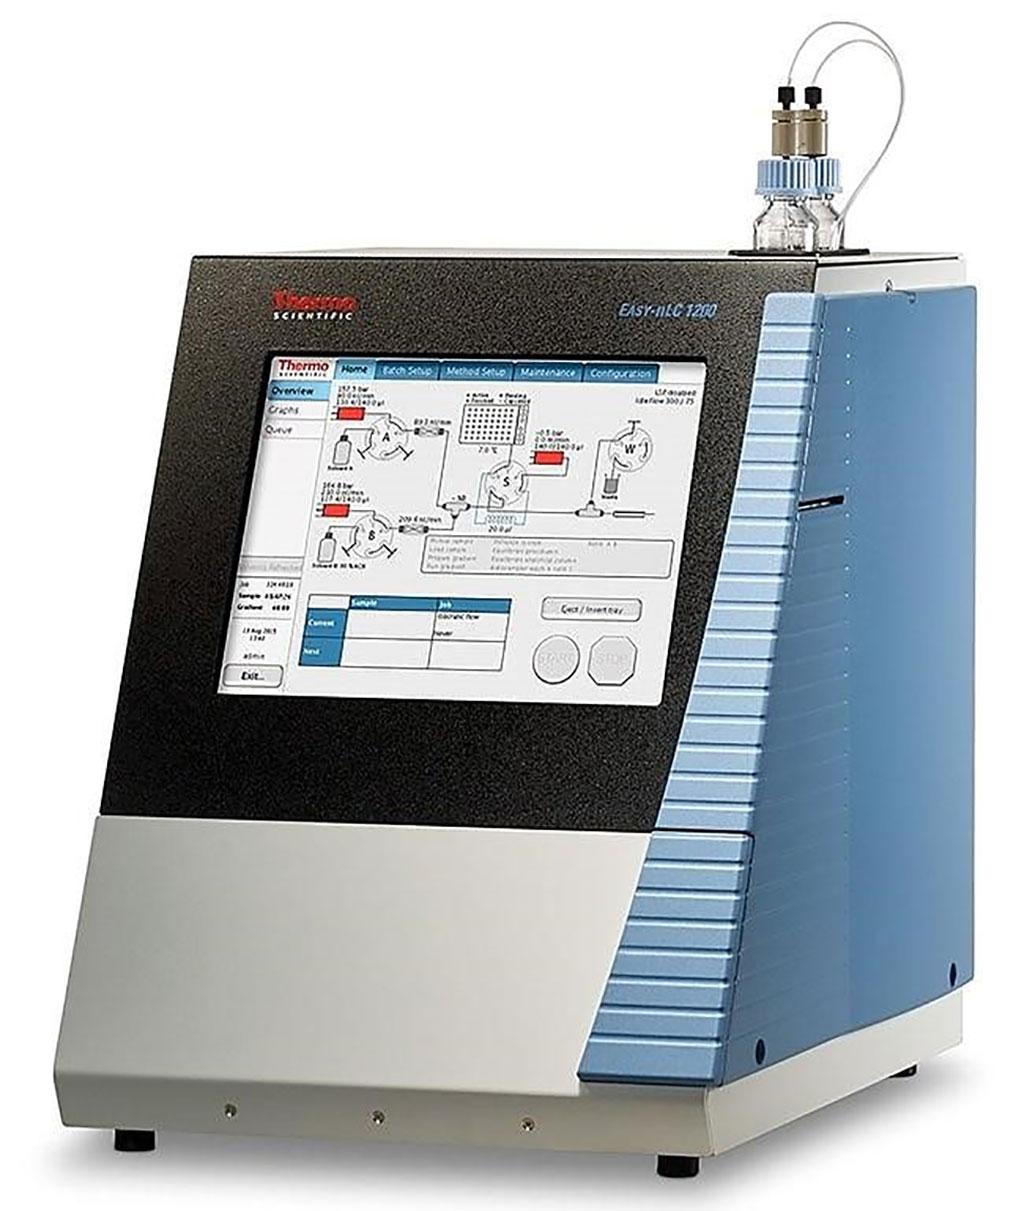 Imagen: El HPLC EASY-nLC 1200, con capacidad de alto rendimiento en un UHPLC de flujo nano (Fotografía cortesía de Thermo Fisher Scientific)